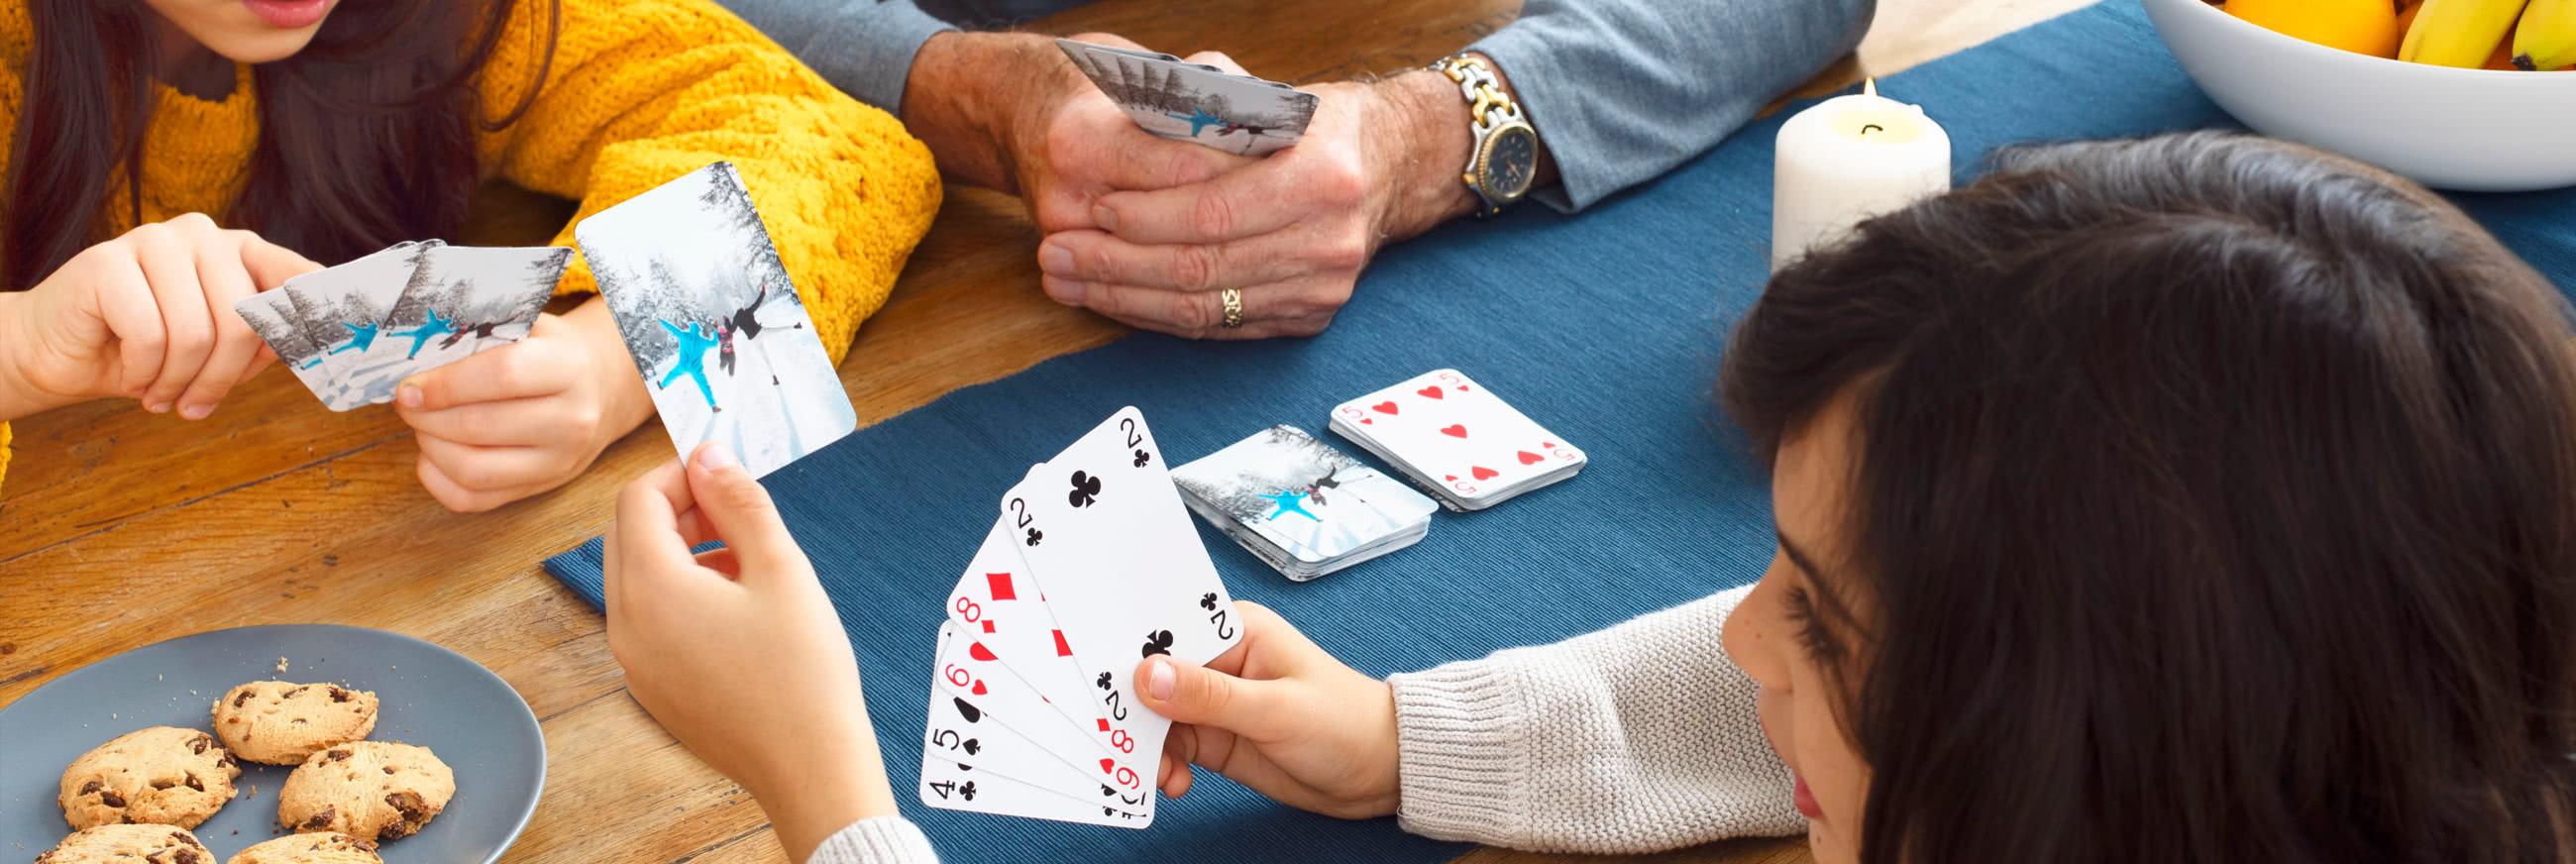 Spillekort med foto